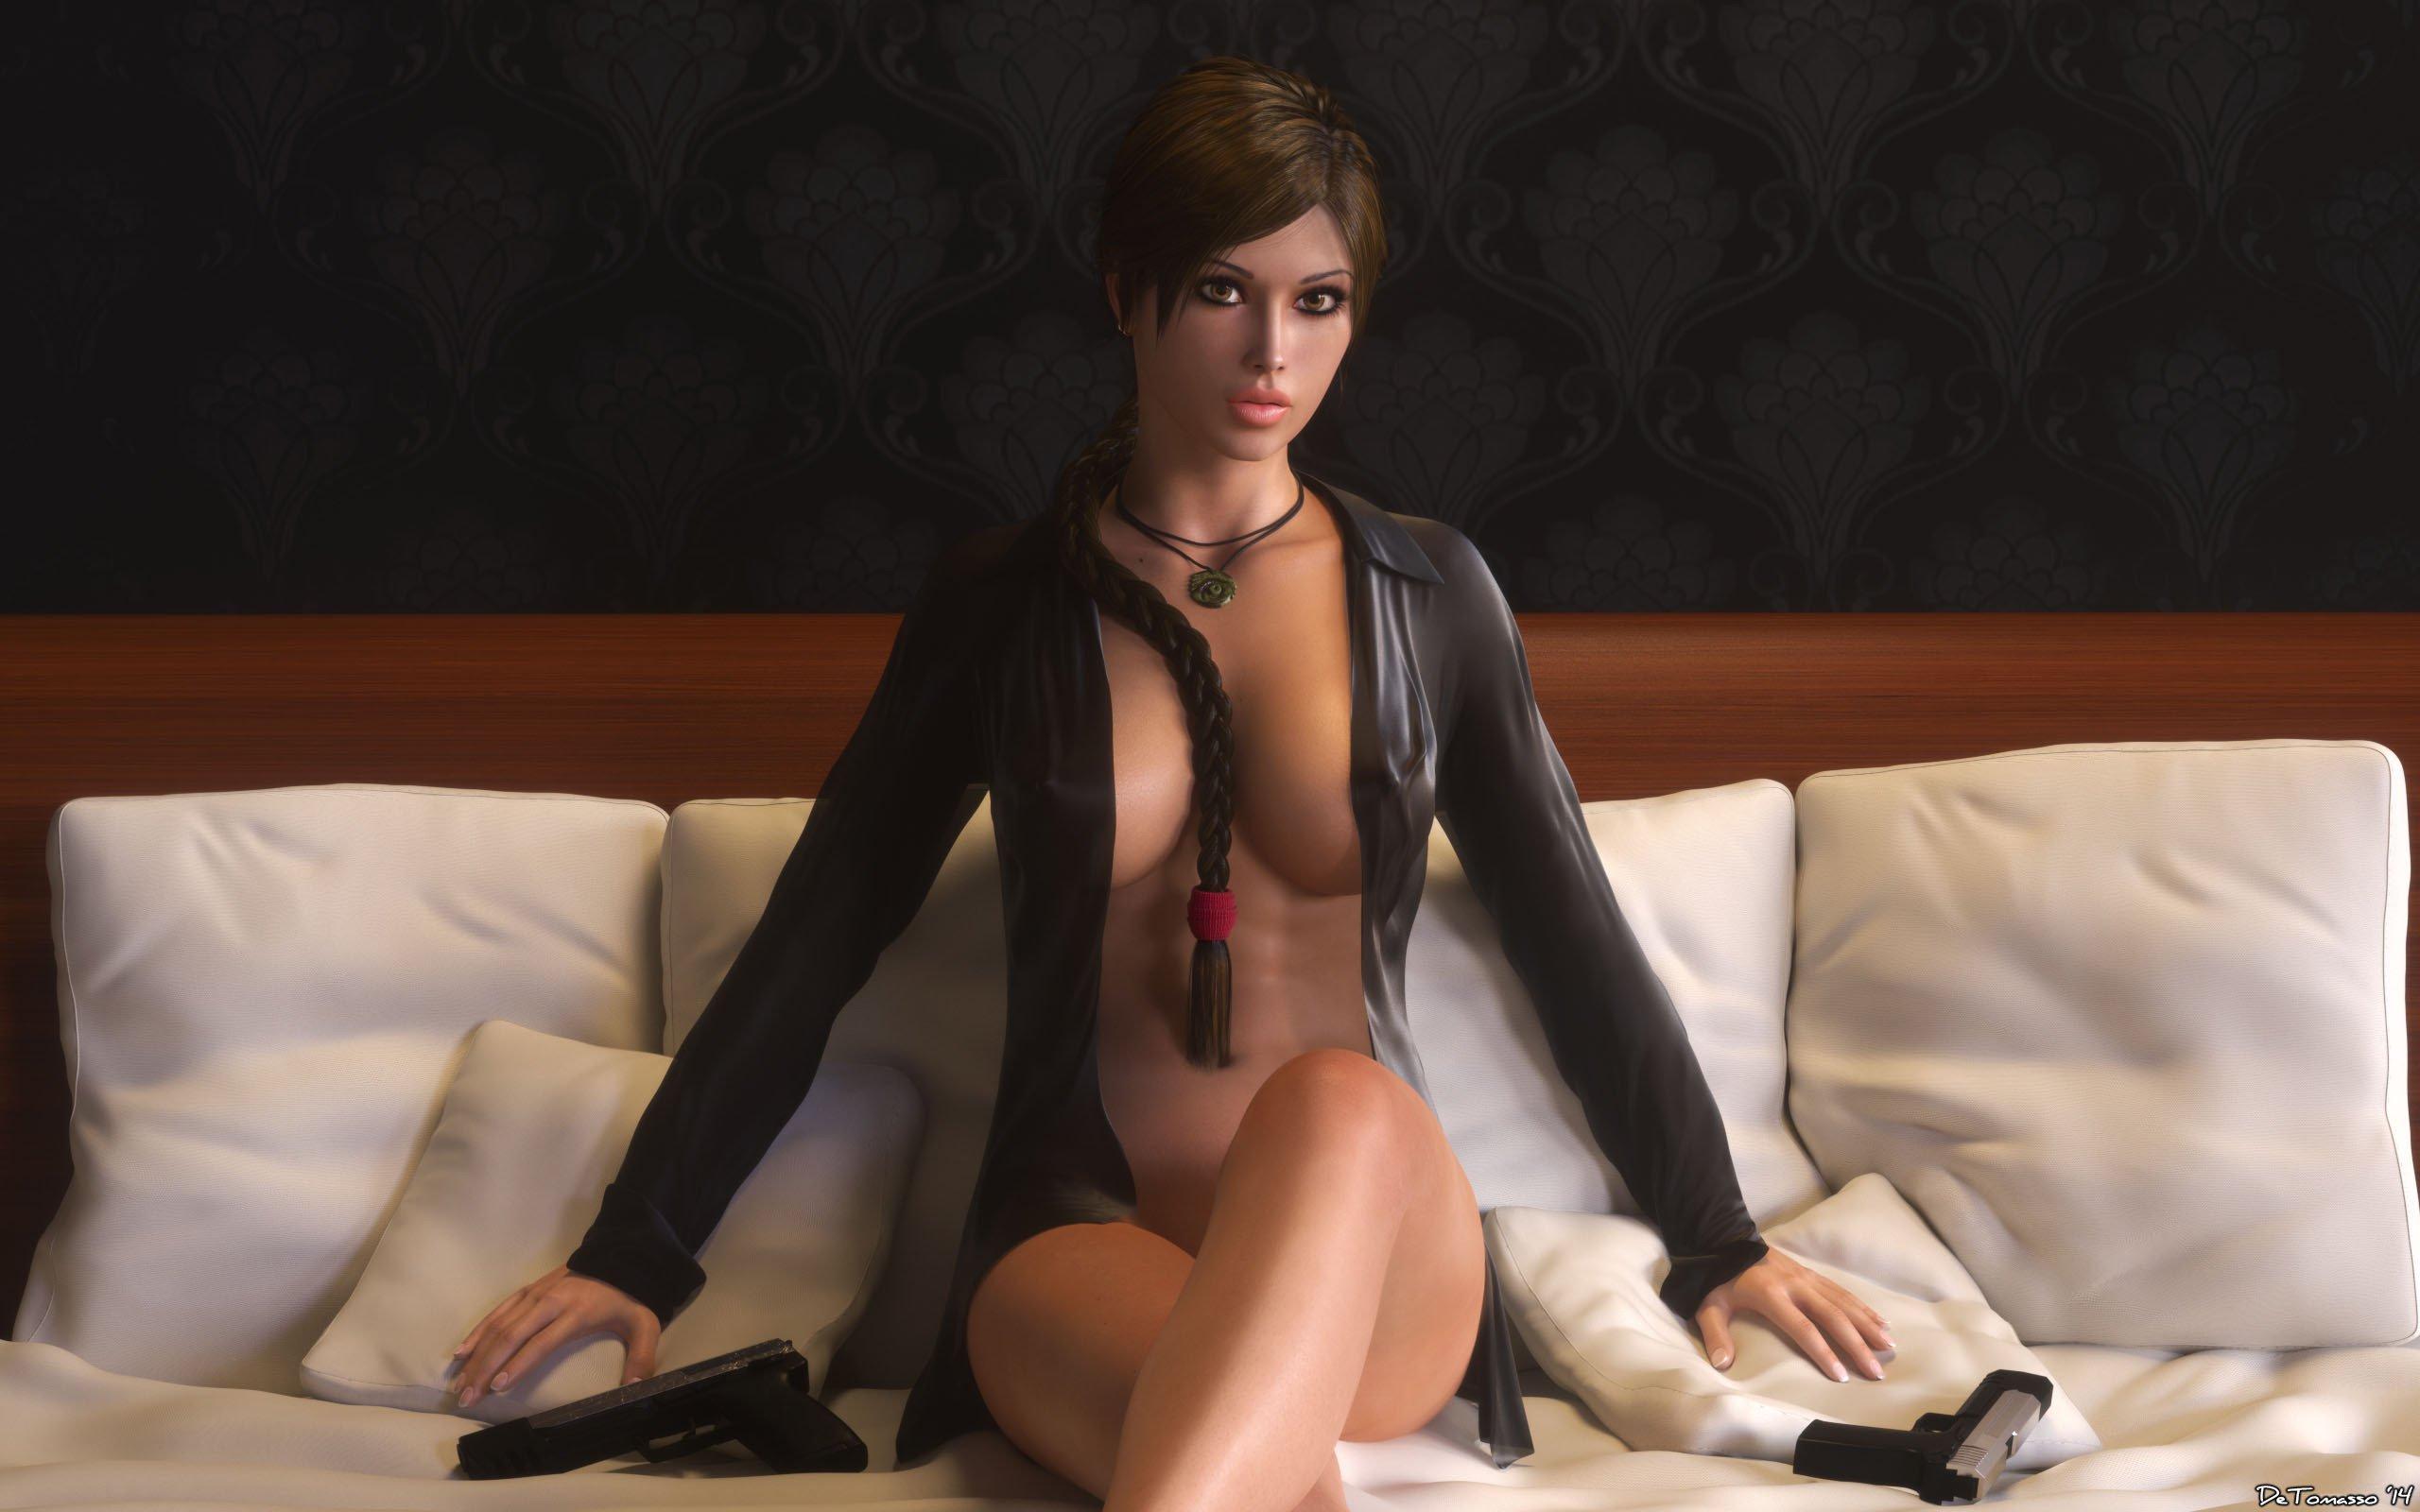 Lara croft 3d erotic xxx images